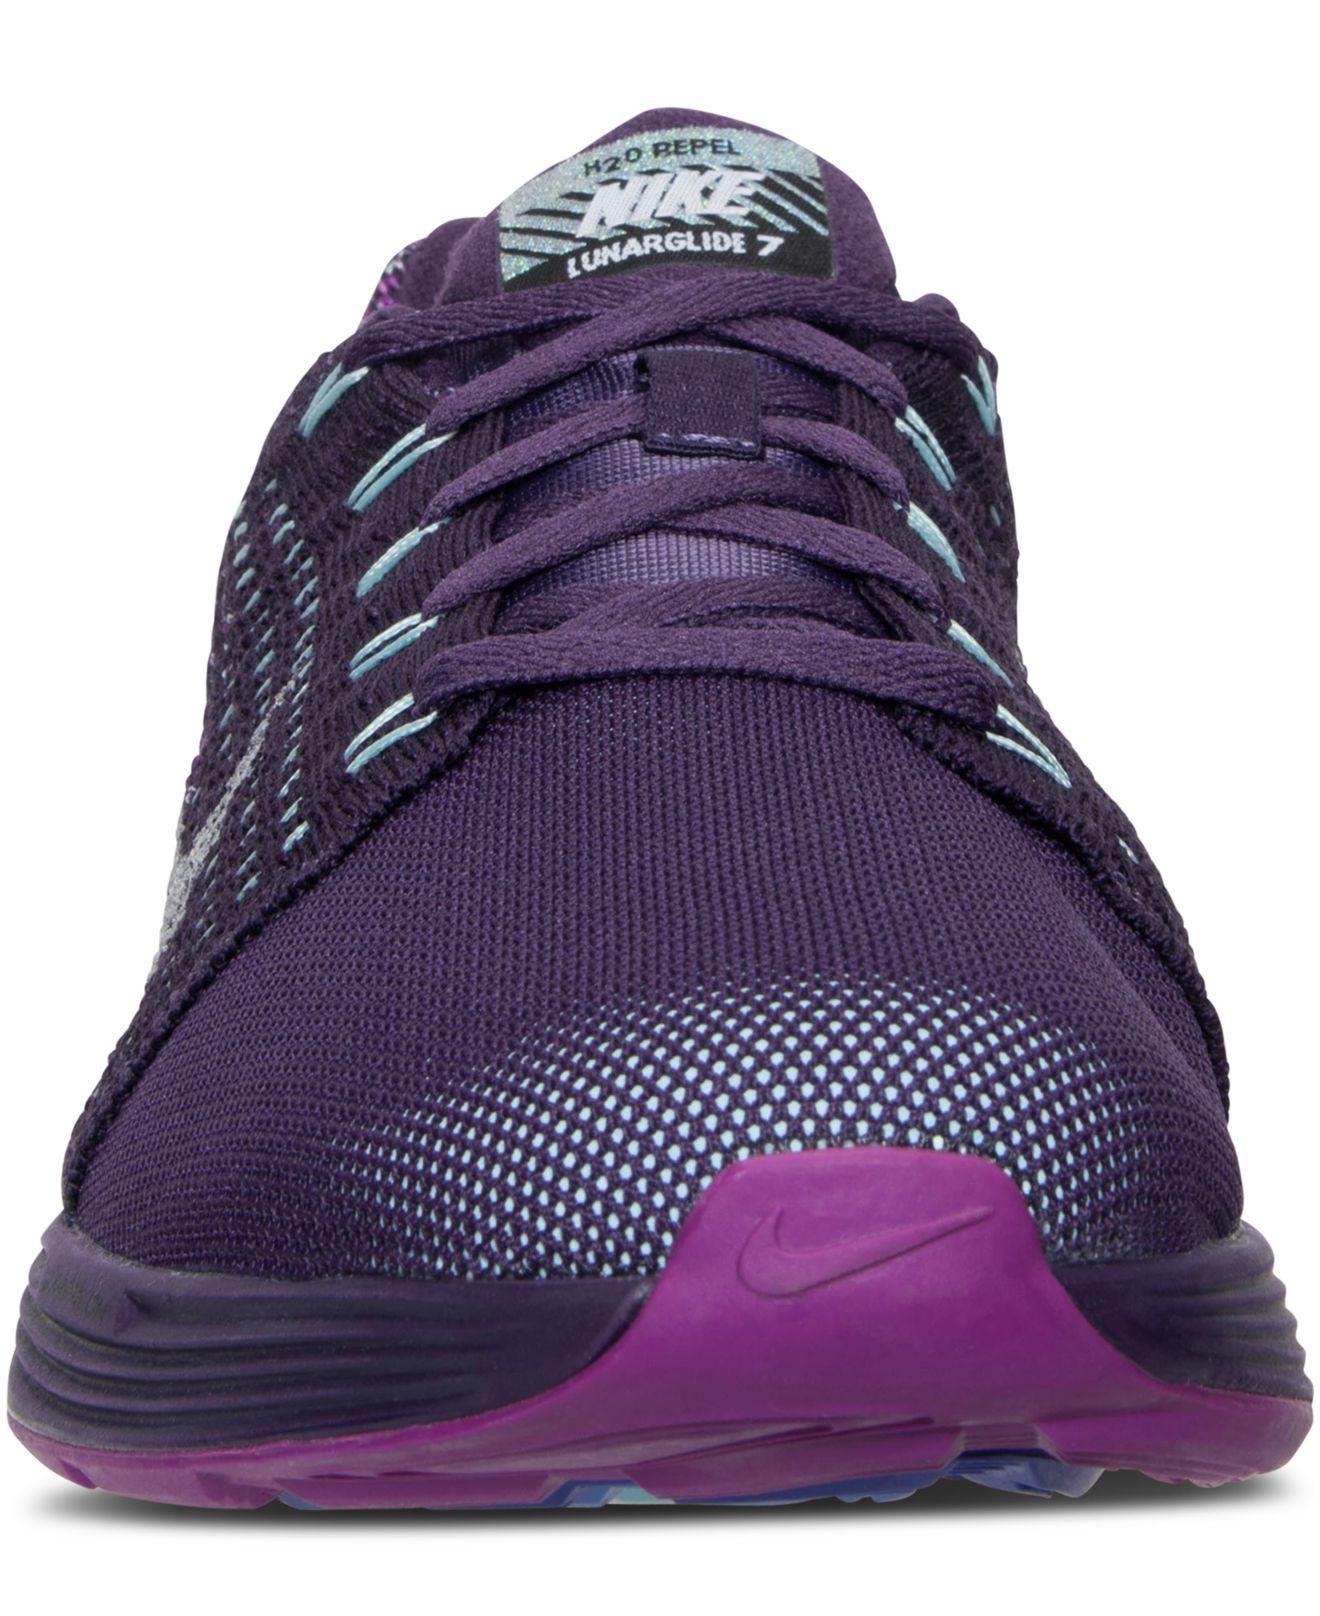 Nike Lunarglide 7 Flash